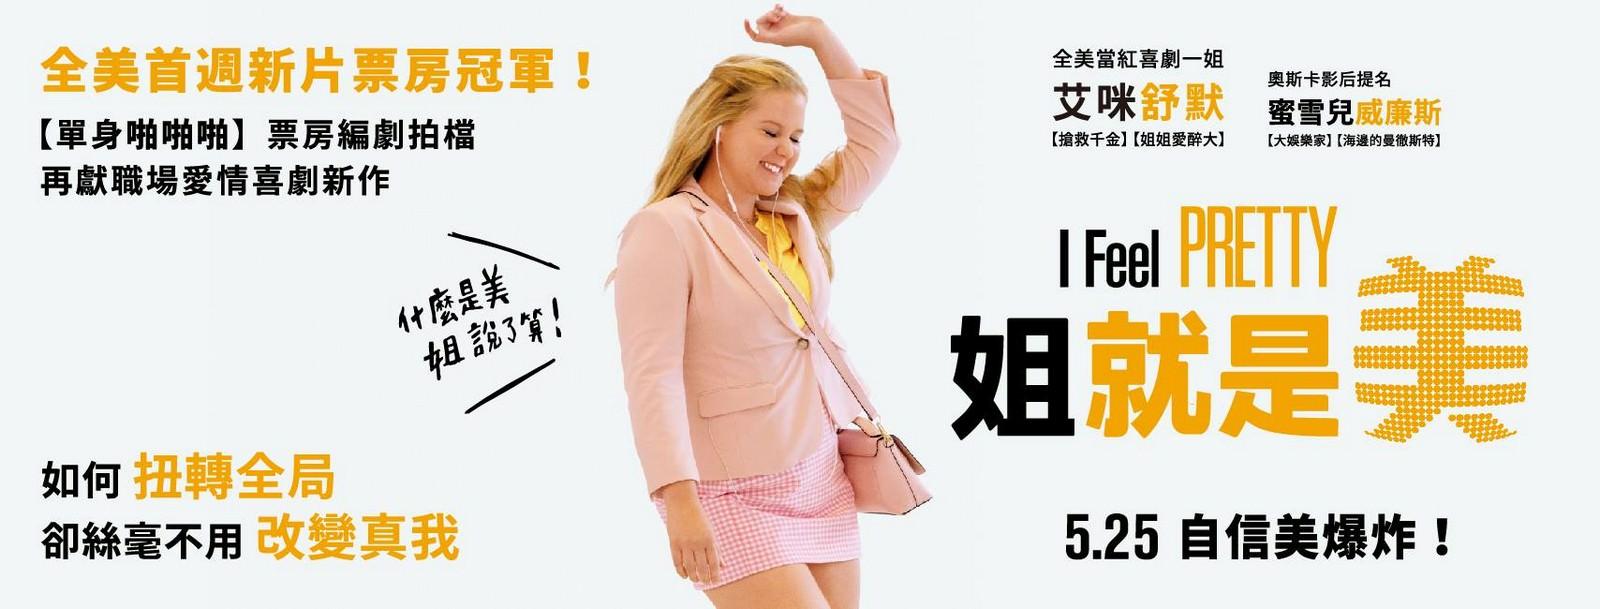 Movie, I Feel Pretty(美國.中國) / 姐就是美!(台) / 自觉美丽(網), 電影海報, 台灣, 橫版